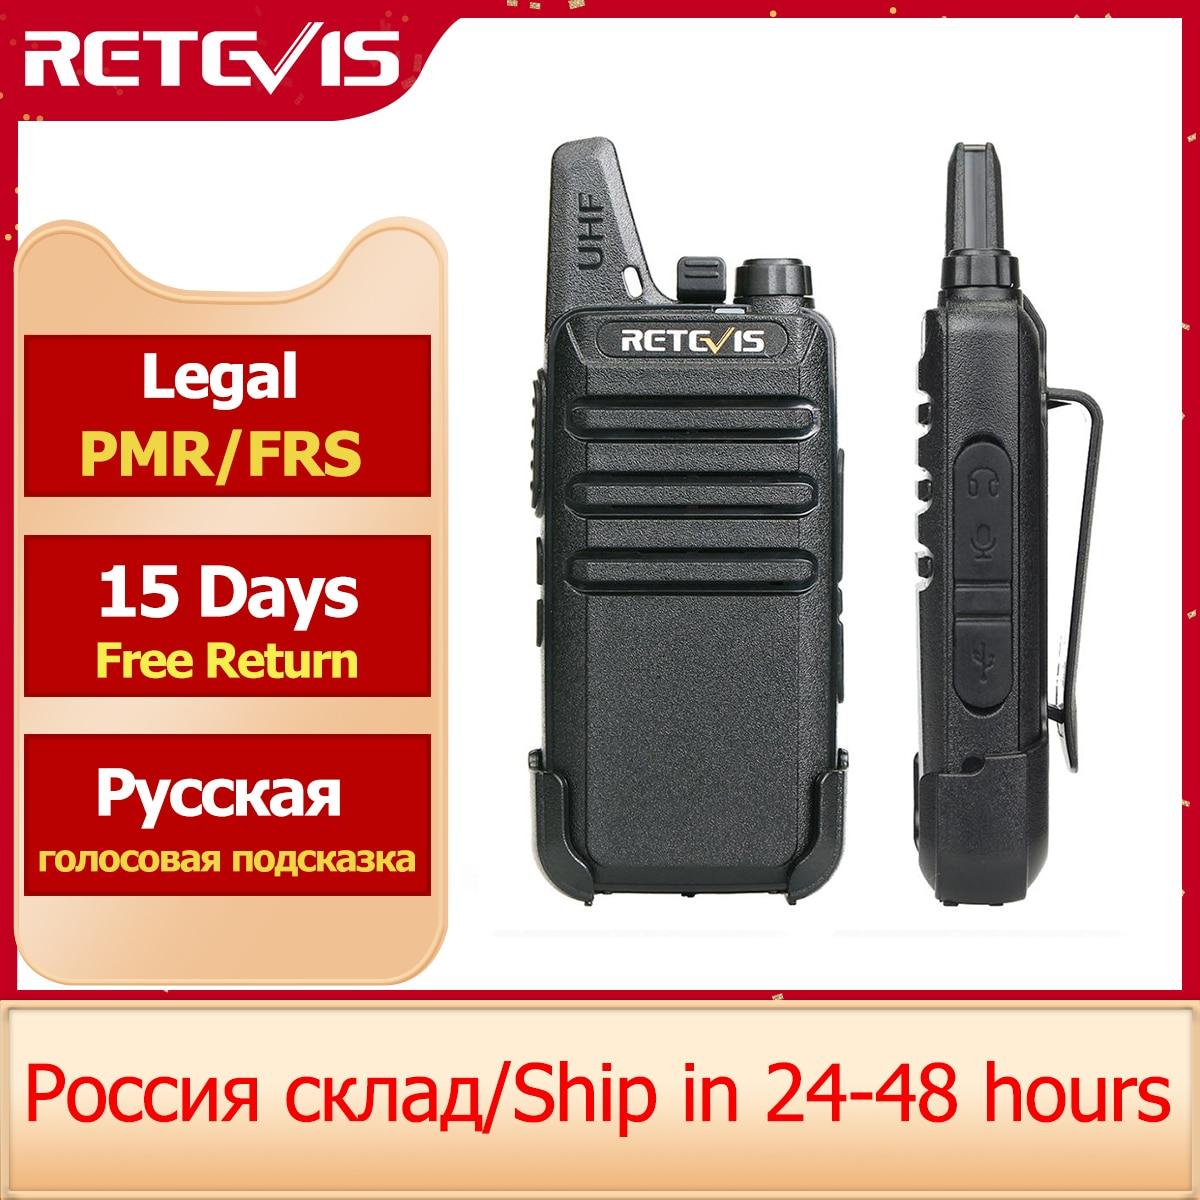 RETEVIS RT622 Mini Walkie Talkie PMR 446 PTT Portable Walkie-talkies 2 pcs Two way Radio Portable Radio for Hunting Hotel RT22